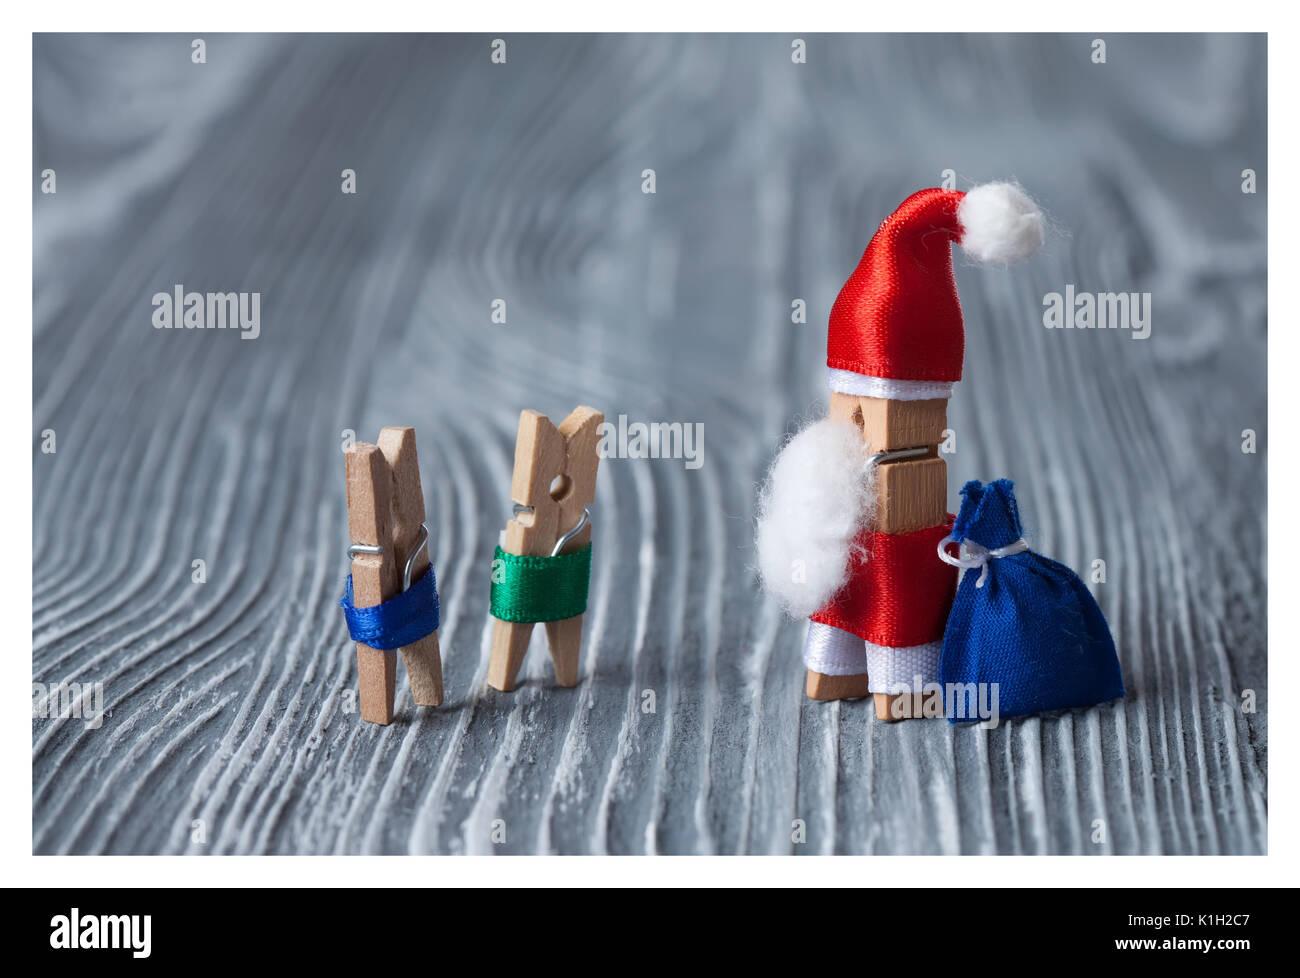 Weihnachten Konzept Wäscheklammer Santa Claus Mit Kindern Und